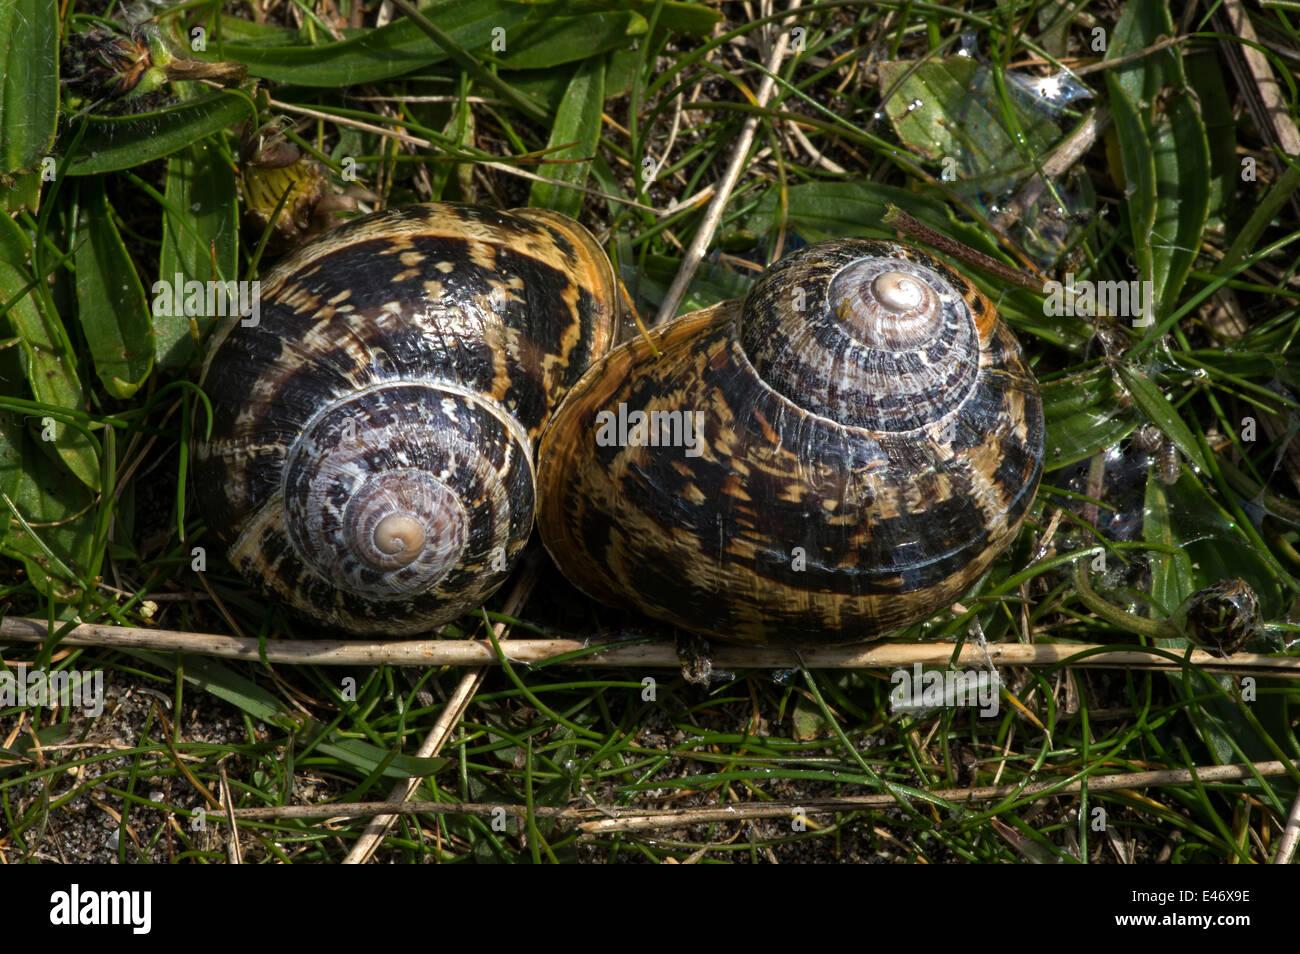 Edible Snails Uk Stock Photos & Edible Snails Uk Stock Images - Alamy